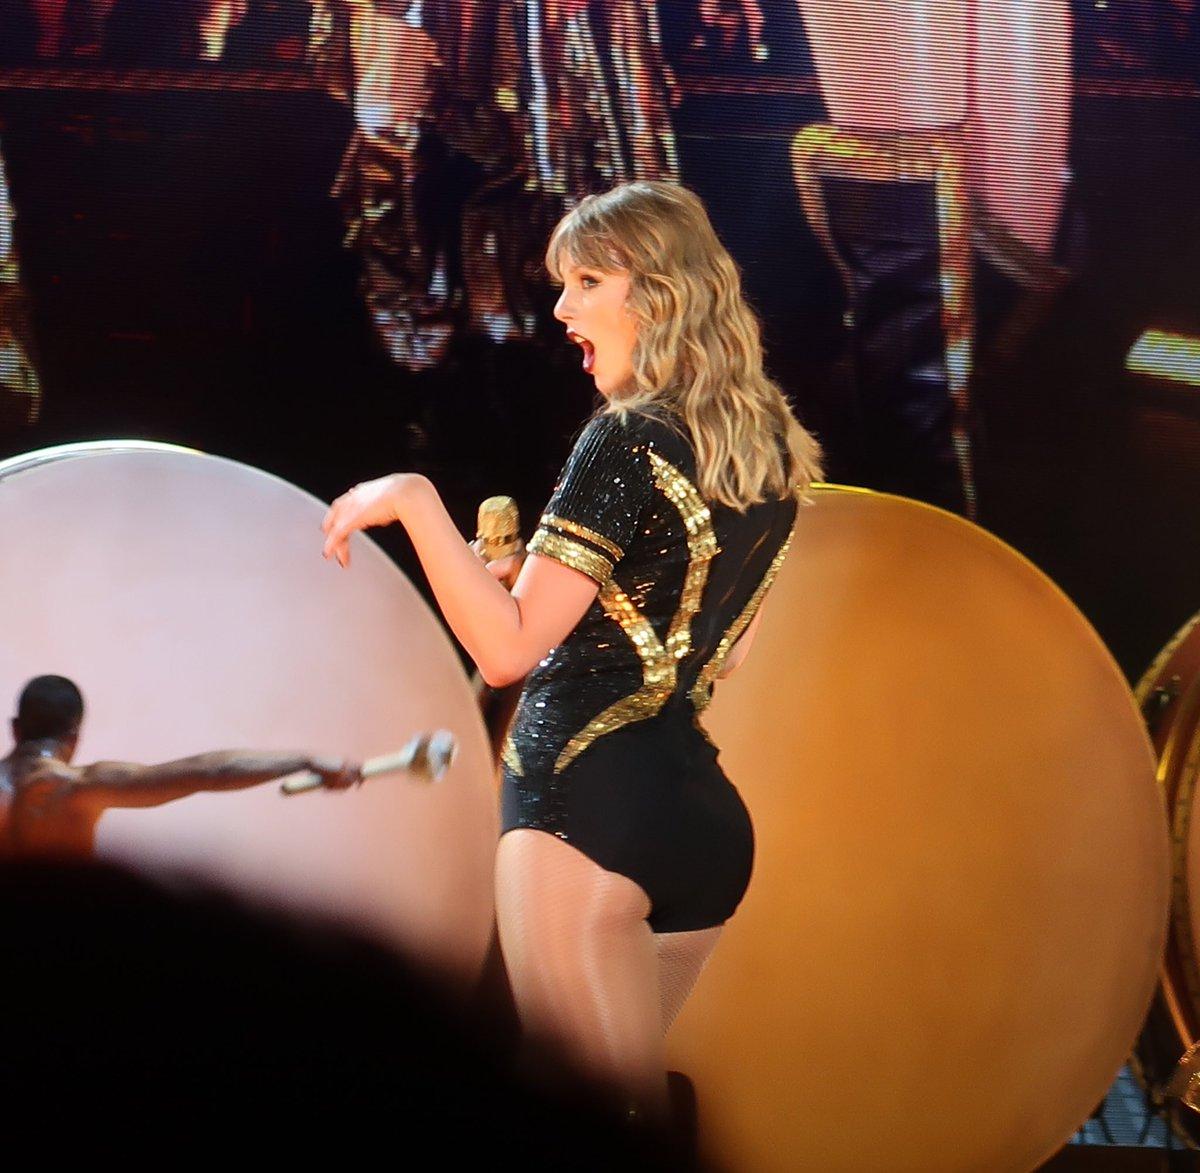 O sea, mirenla, ella es la que merece ganar el #MTVHottest #MTVHottest Taylor Swift #MTVHottestTaylorSwift